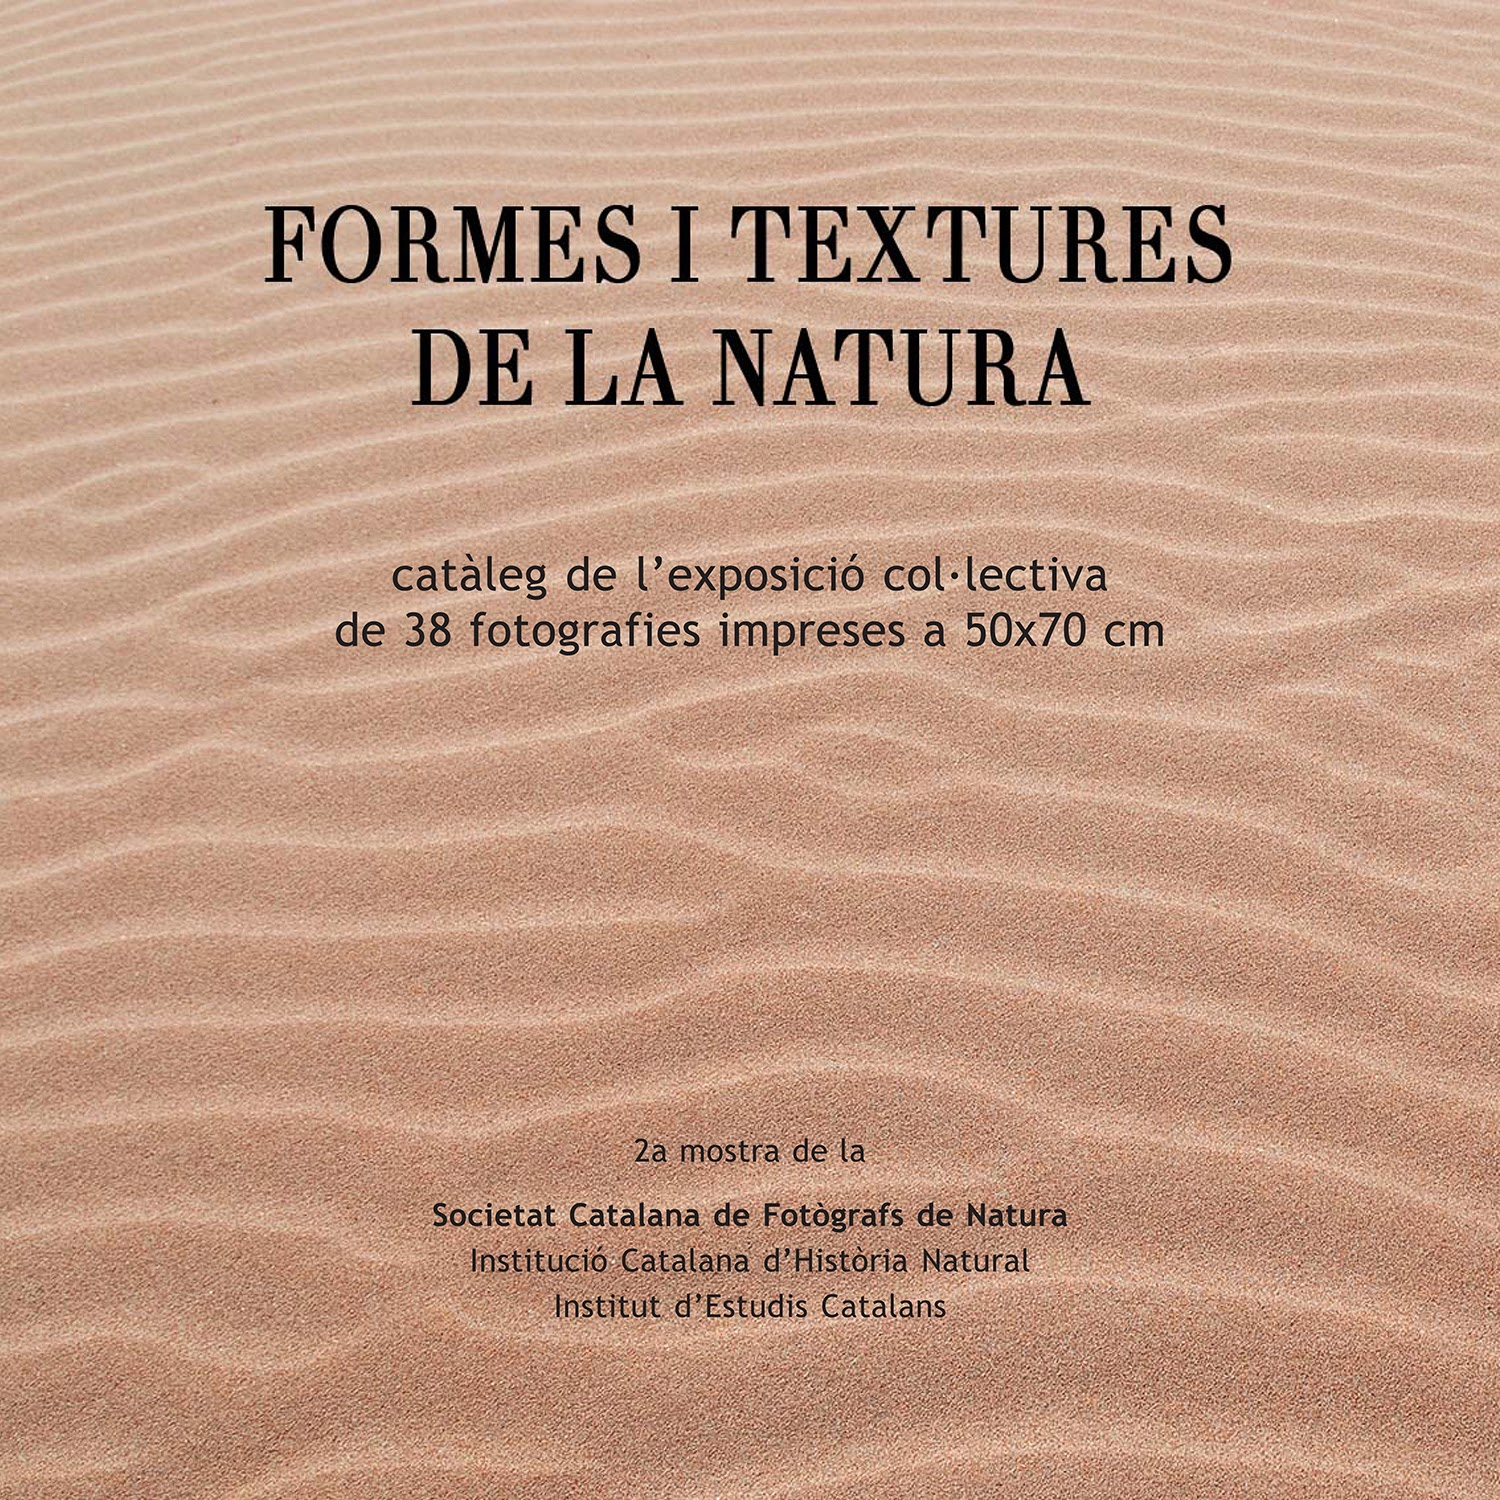 http://issuu.com/fotografsnatura/docs/formes_i_textures_de_la_natura